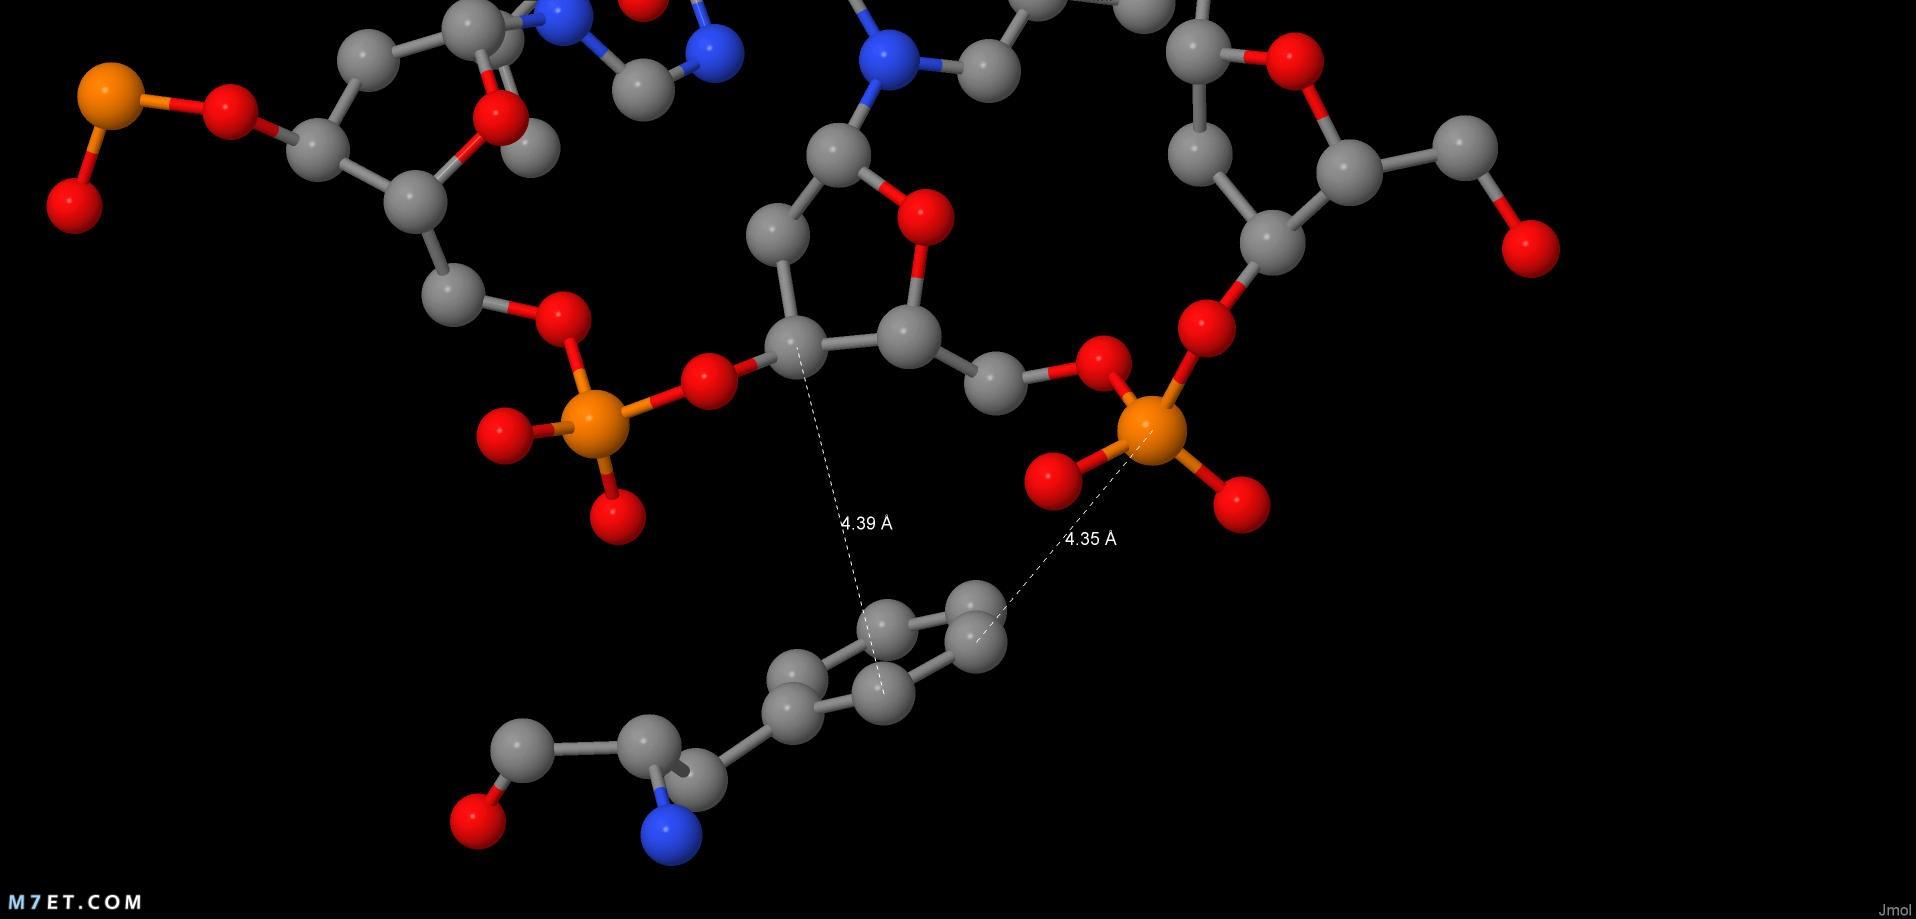 المركبات الهيدروكربونية